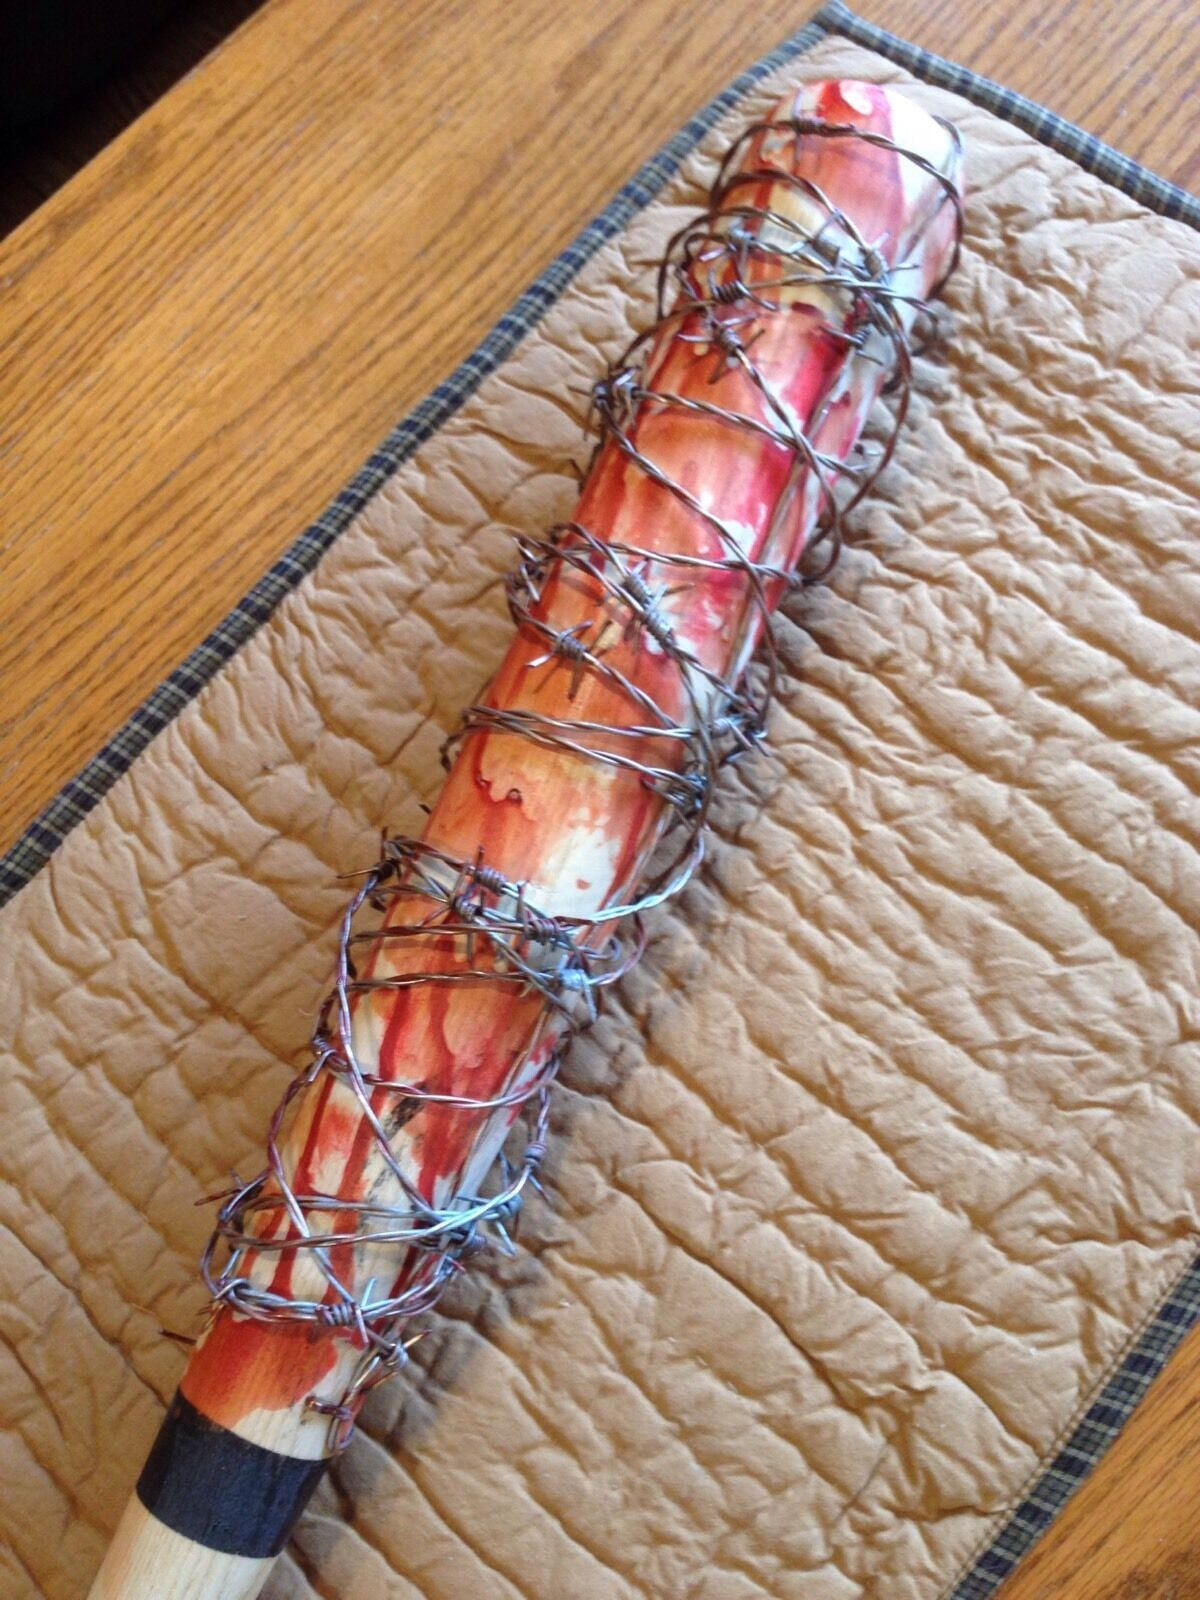 TWD The Walking Walking Walking Dead Negan Lucille Replica Barbed Wire Baseball Bat Prop a0bd3b